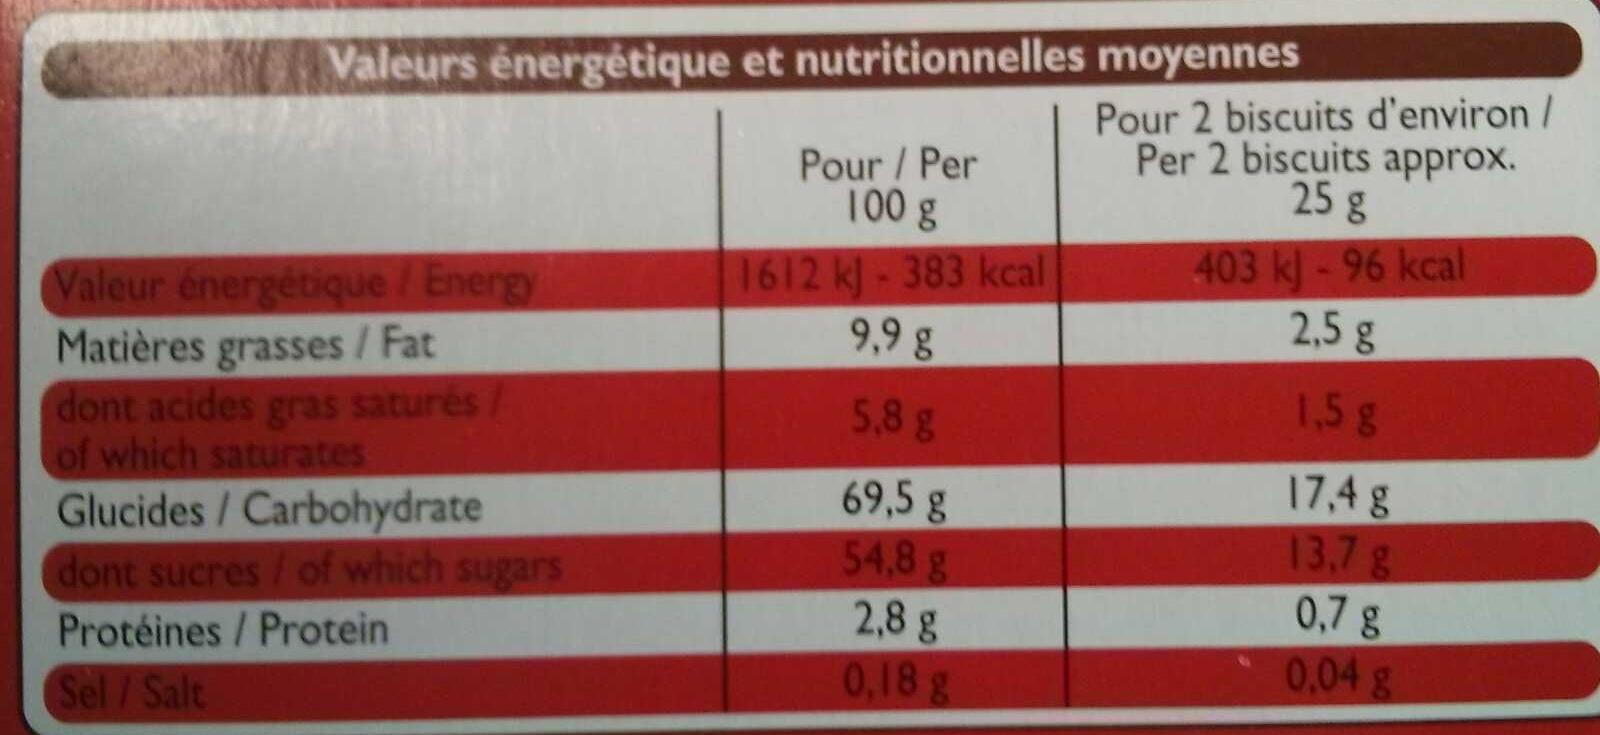 Biscuit Fourrés Cerise - Informations nutritionnelles - fr